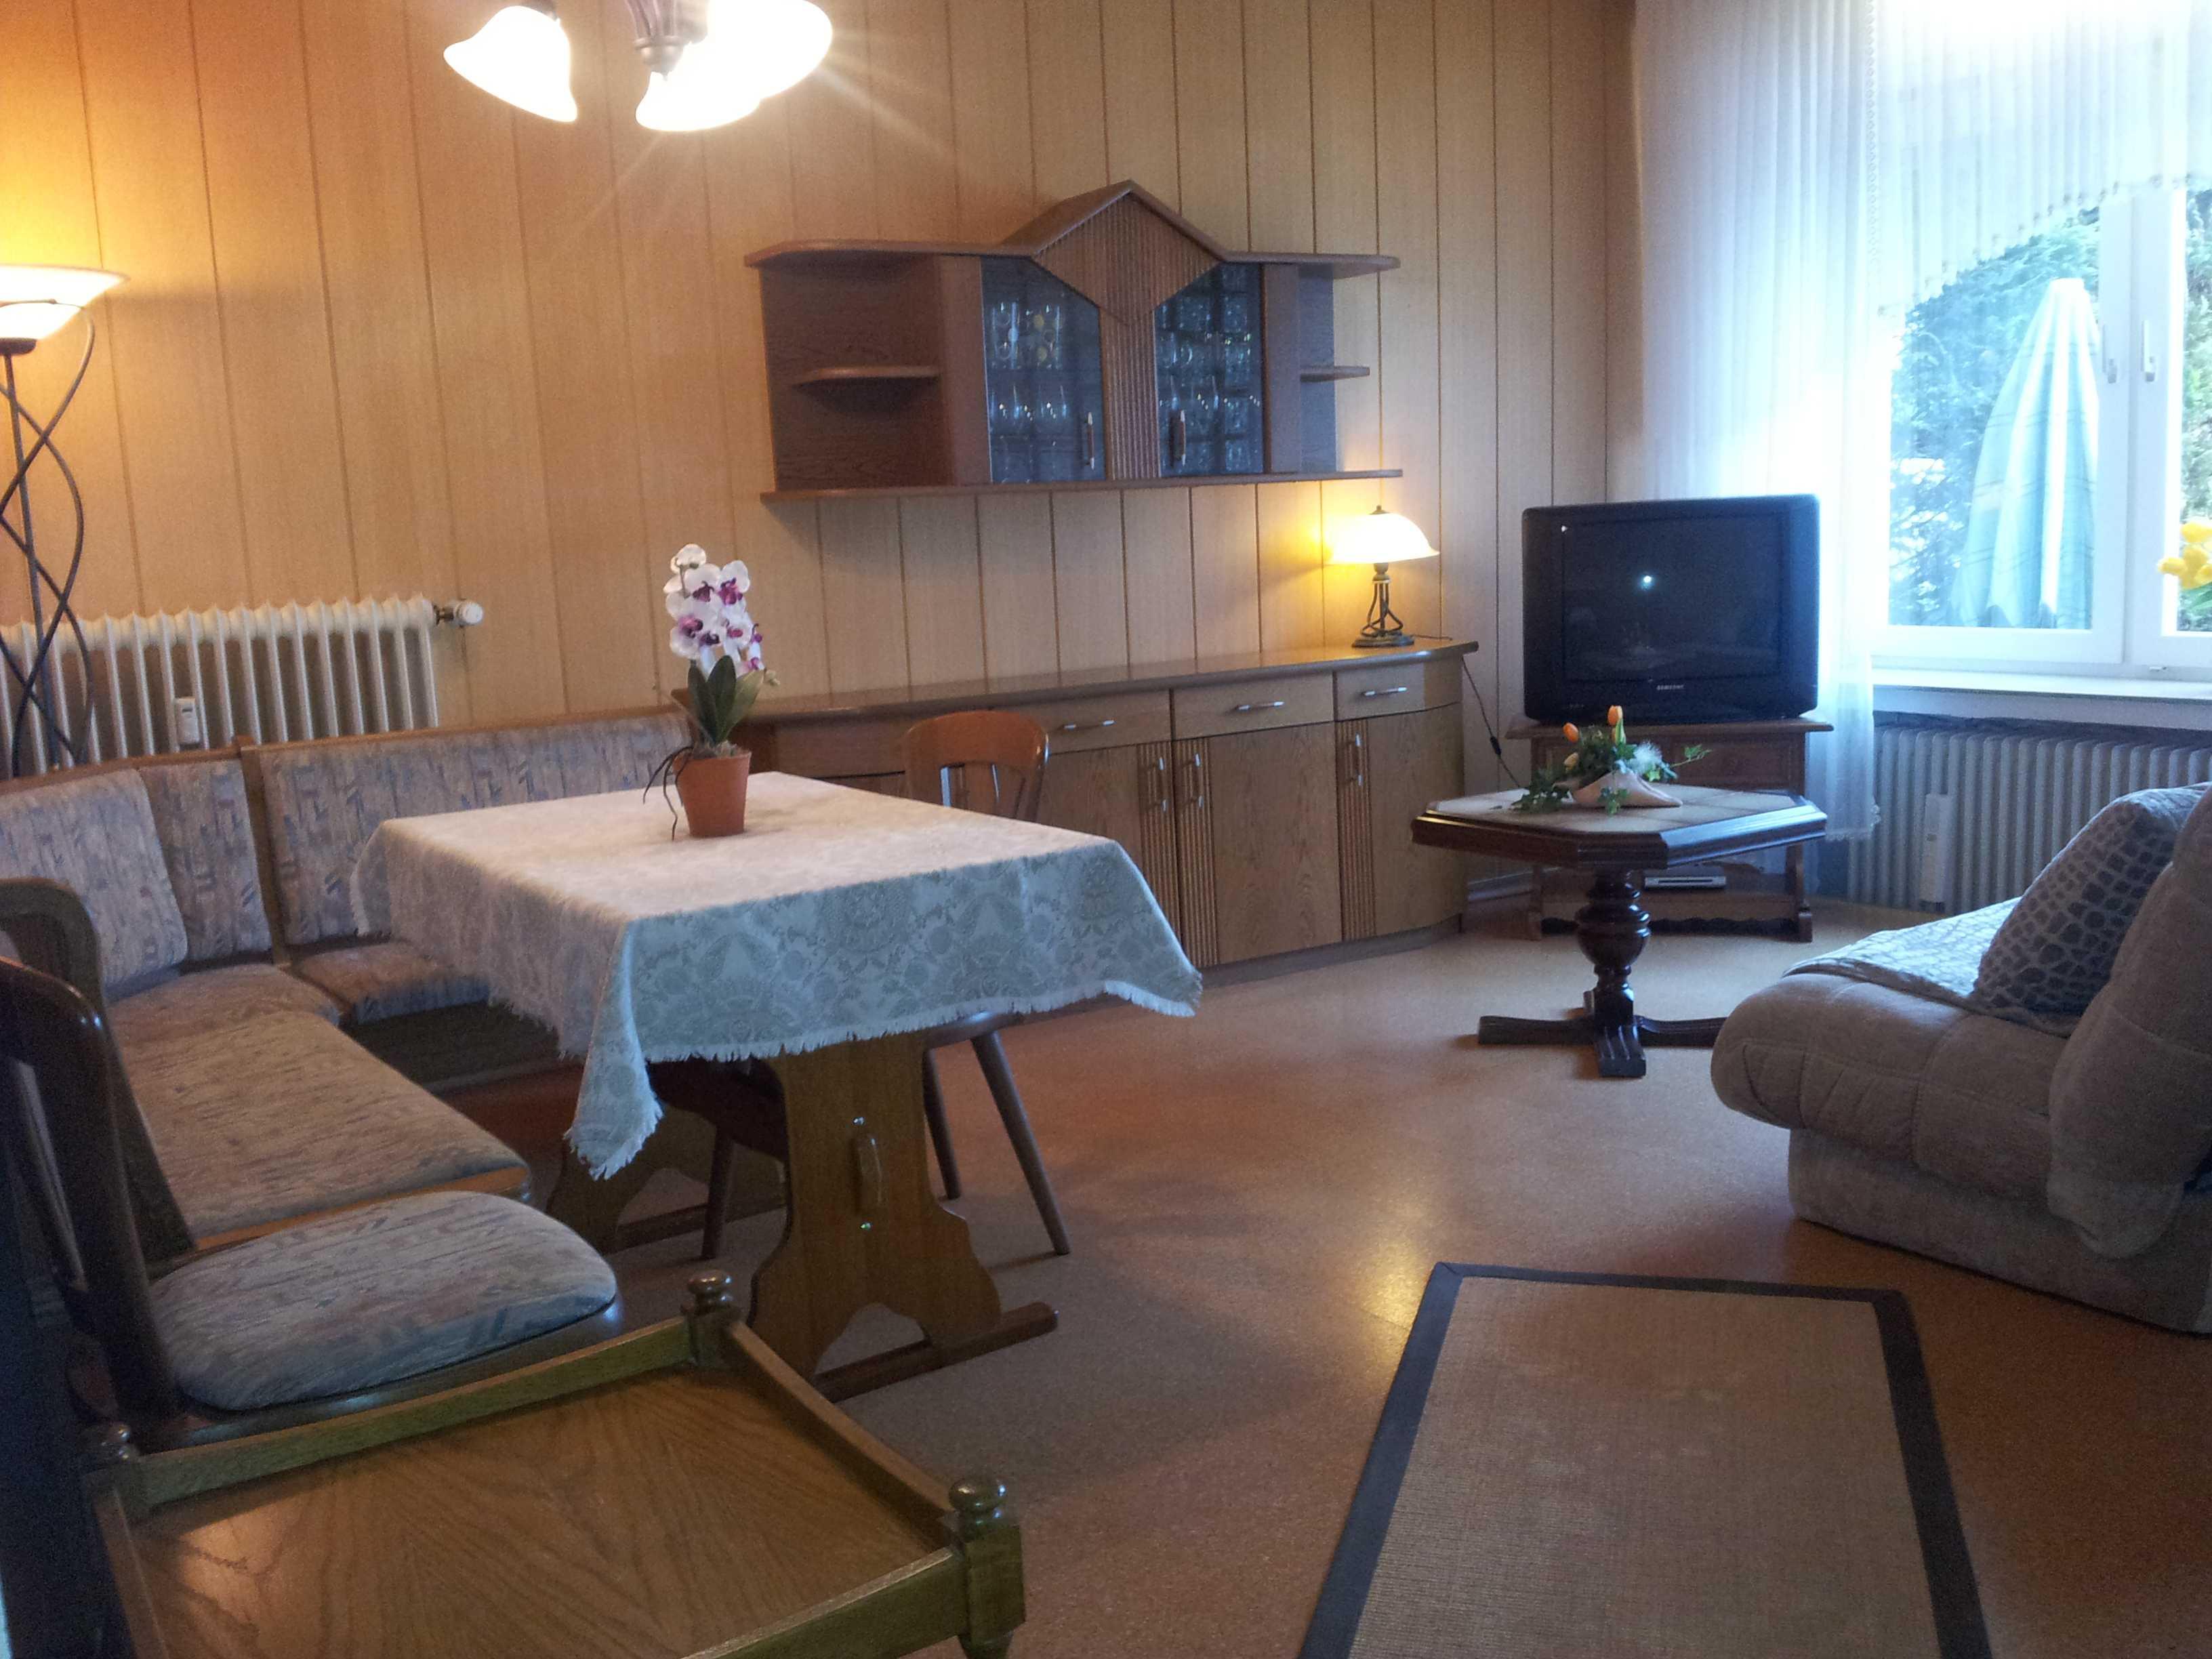 Ferienwohnung in wermelskirchen objekt 9458 ab 29 euro for Wohnzimmer 60 qm